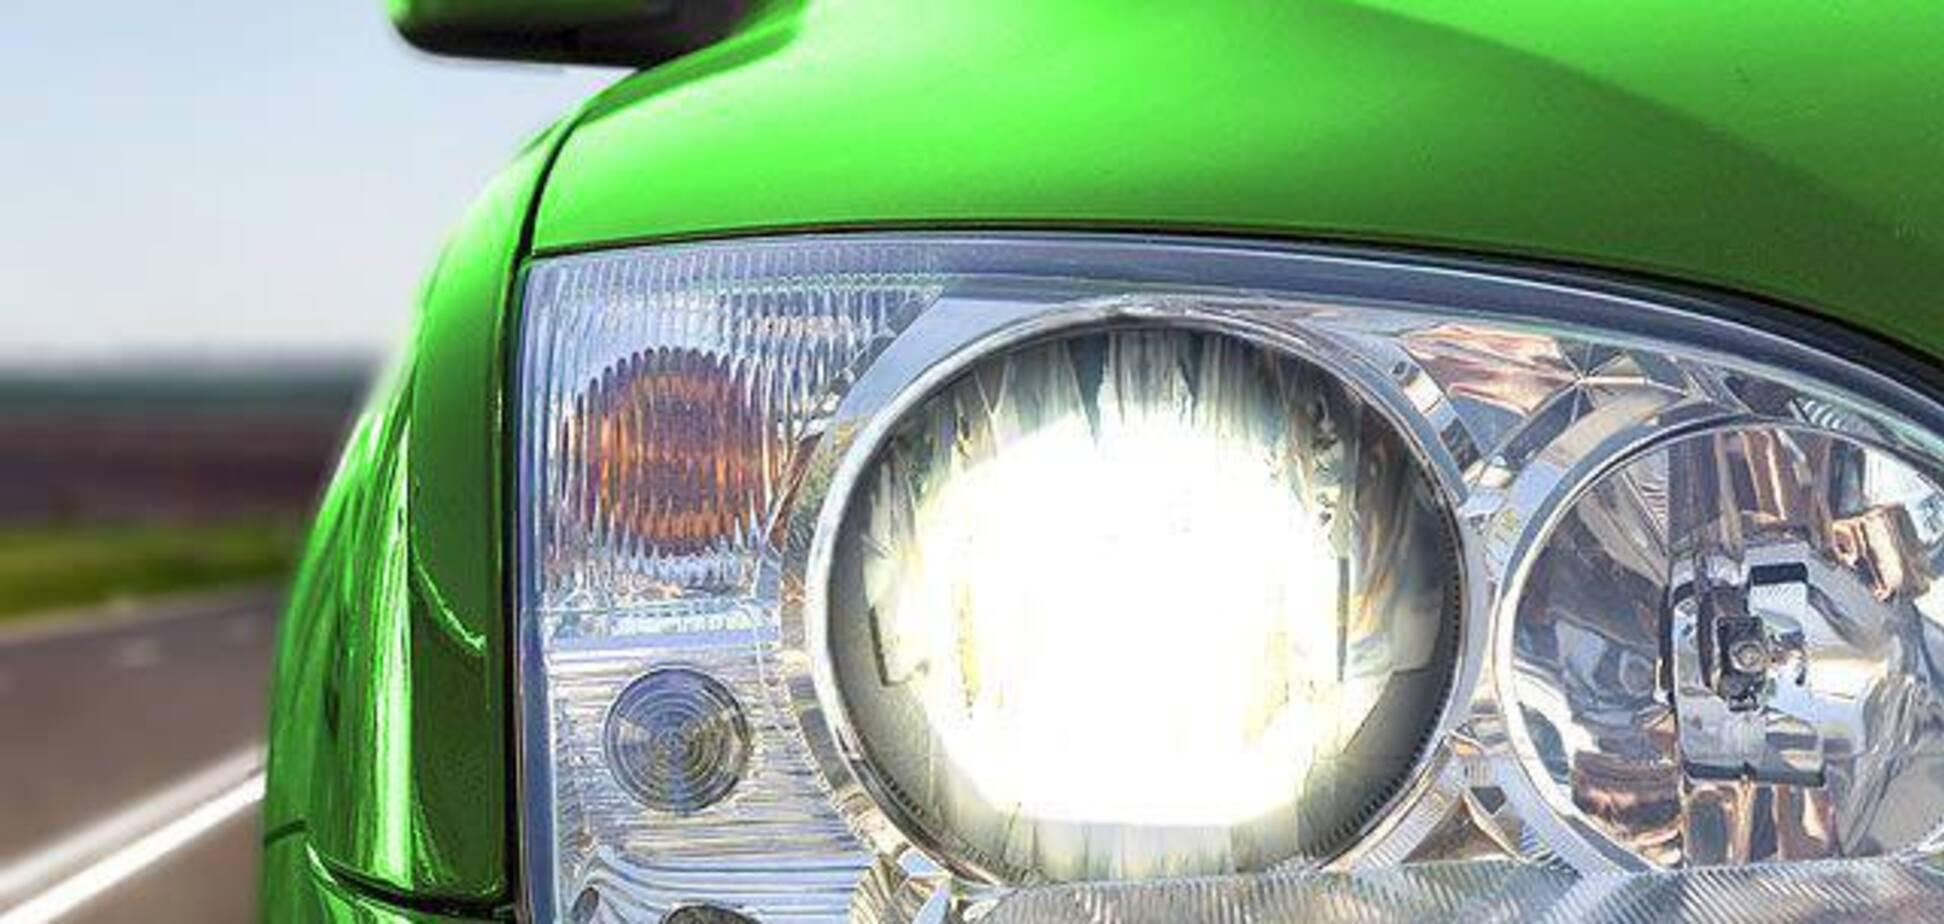 Зрадофилы могут быть спокойны: Кабмин изменил правила госрегистрации авто